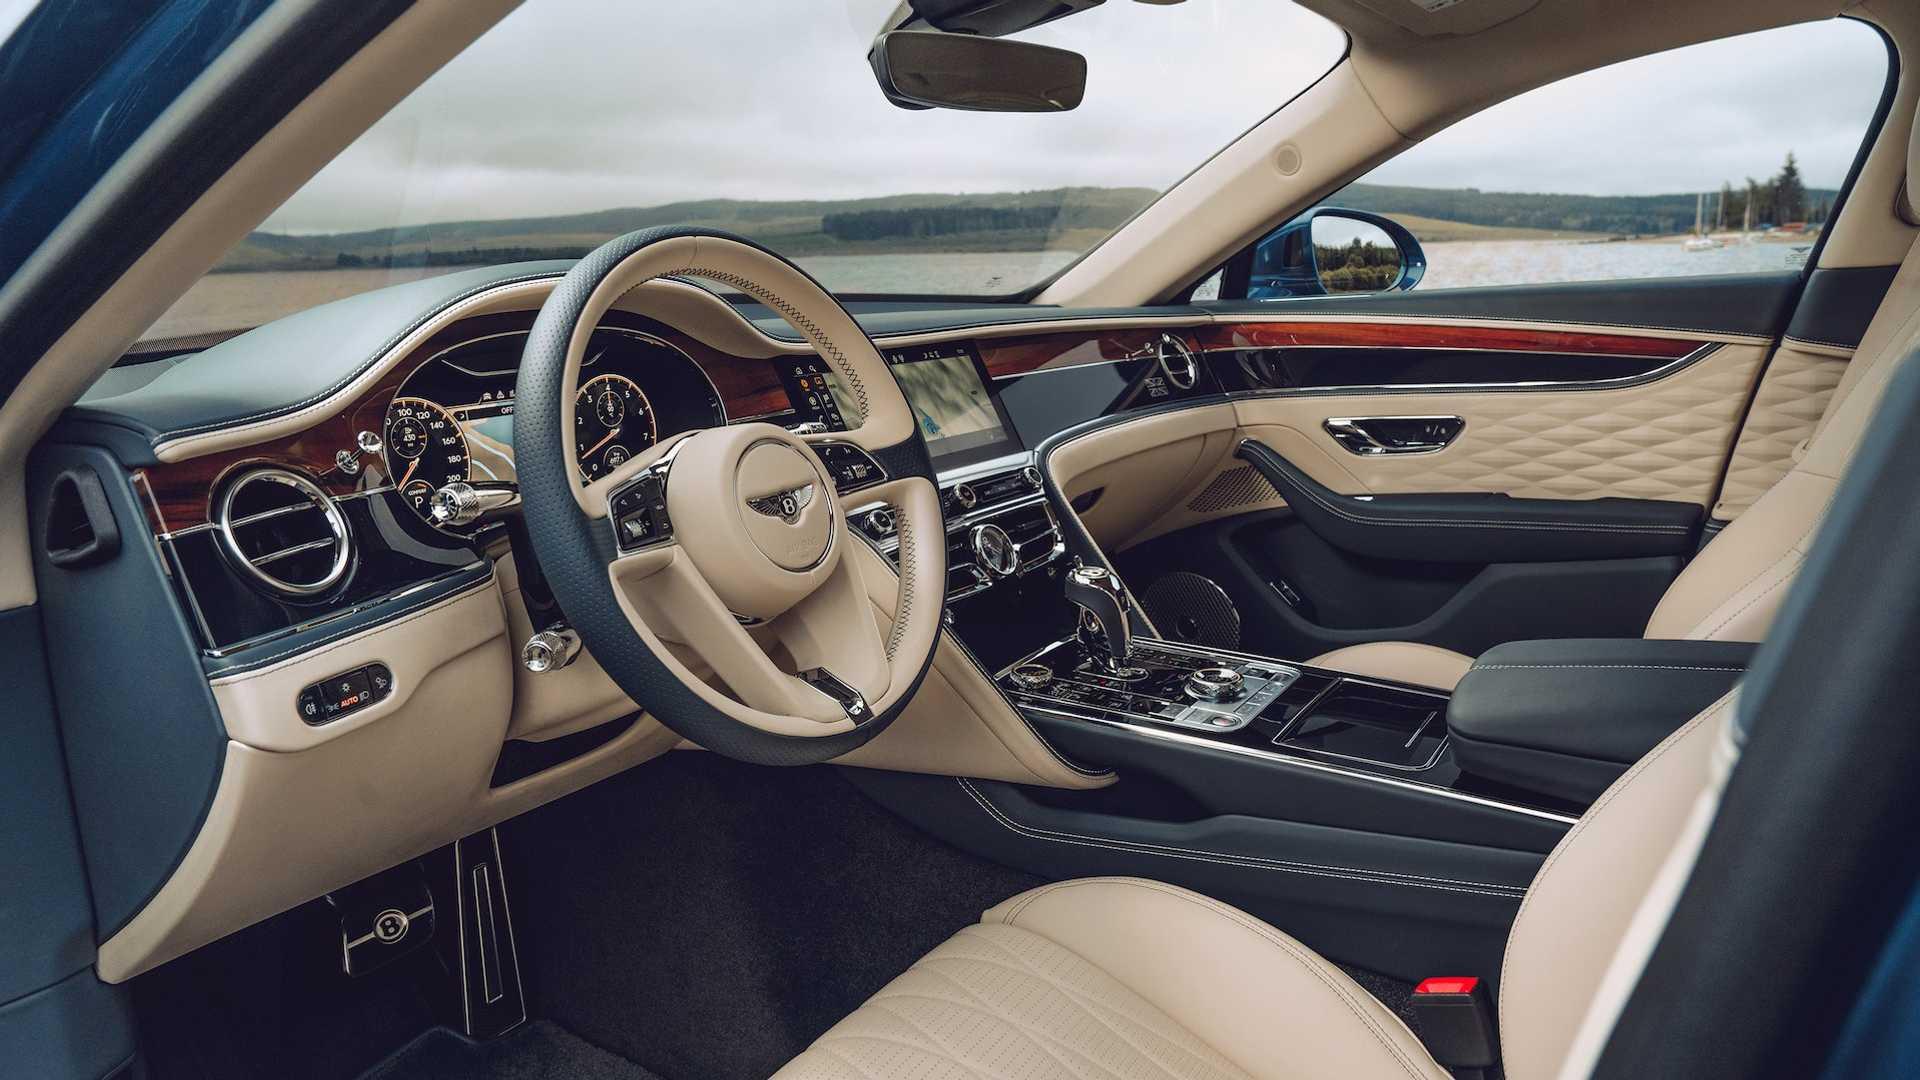 Спецверсия Bentley заработает деньги на борьбу со СПИДом 3